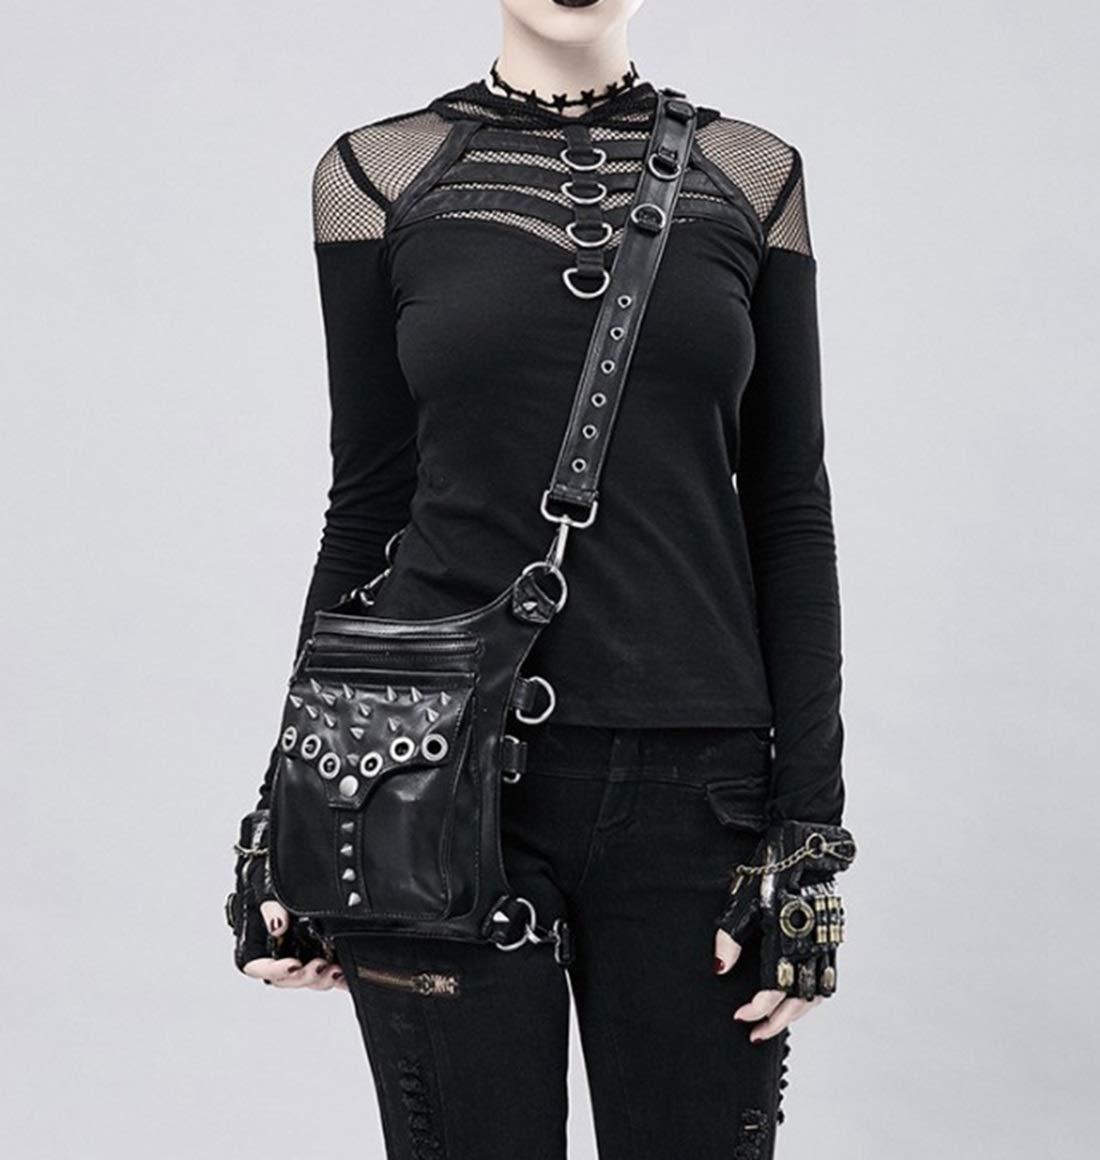 YJIU Väska Mode Damväska Cool Nit Rock Stil Gotisk PU Läder Steampunk Handväska Midja Ben Förpackning Vintage Punk Axelväska (Färg: svart) Svart